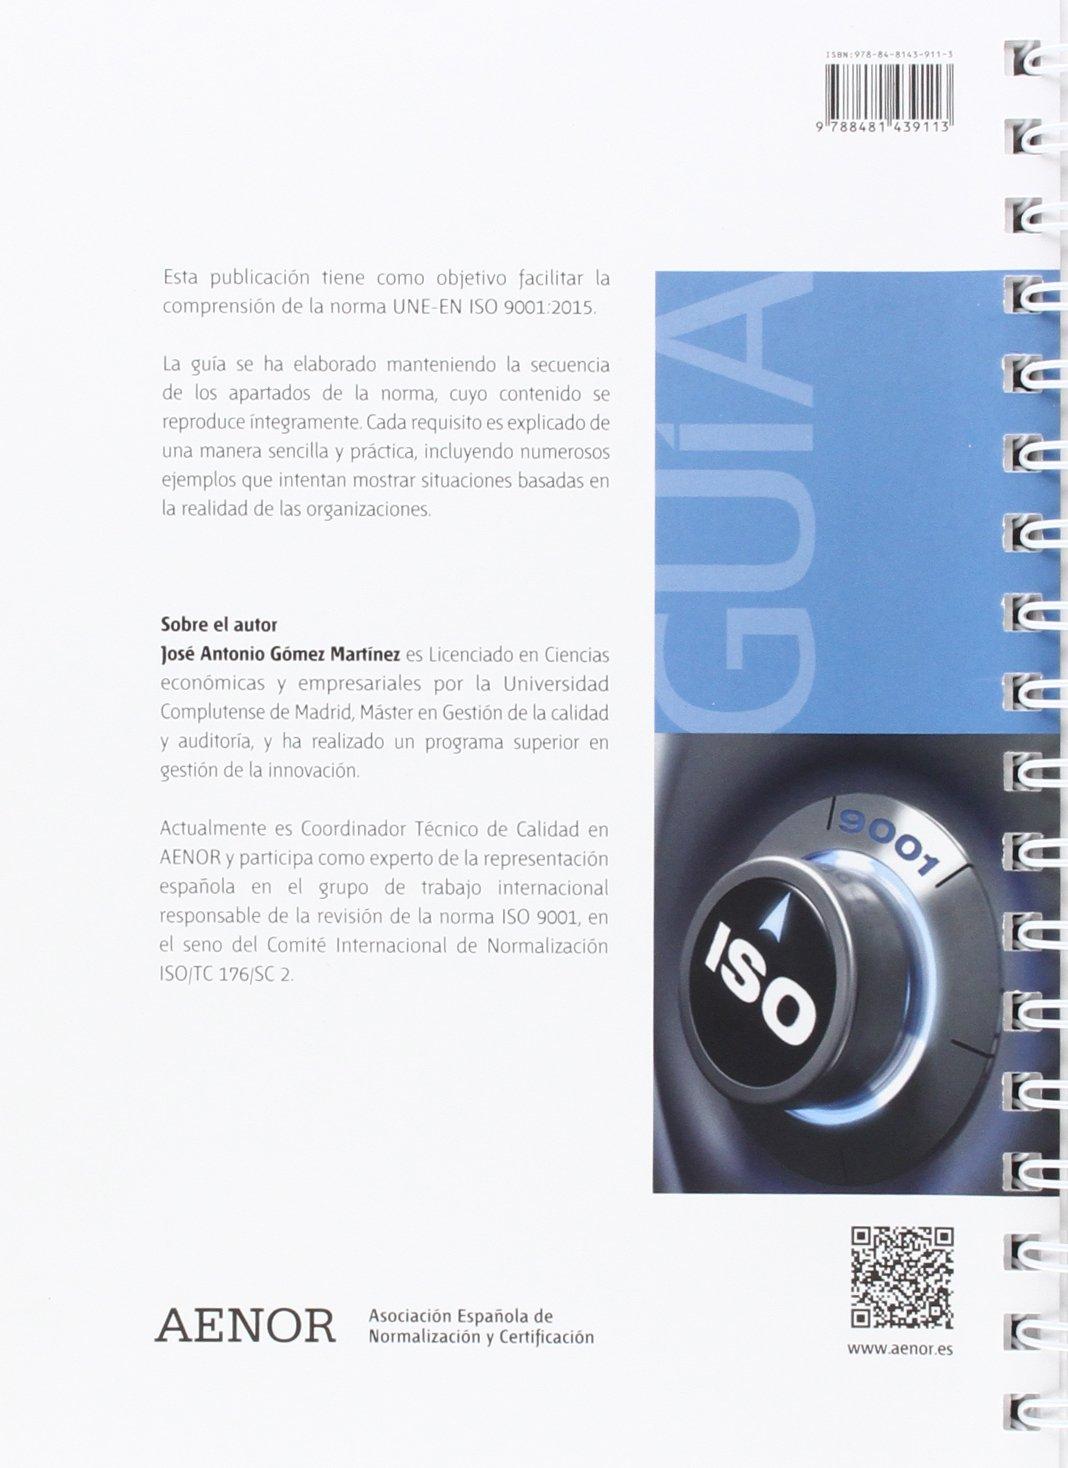 Guía para la aplicación de UNE-EN ISO 9001:2015: José Antonio Gómez Martínez: 9788481439113: Amazon.com: Books